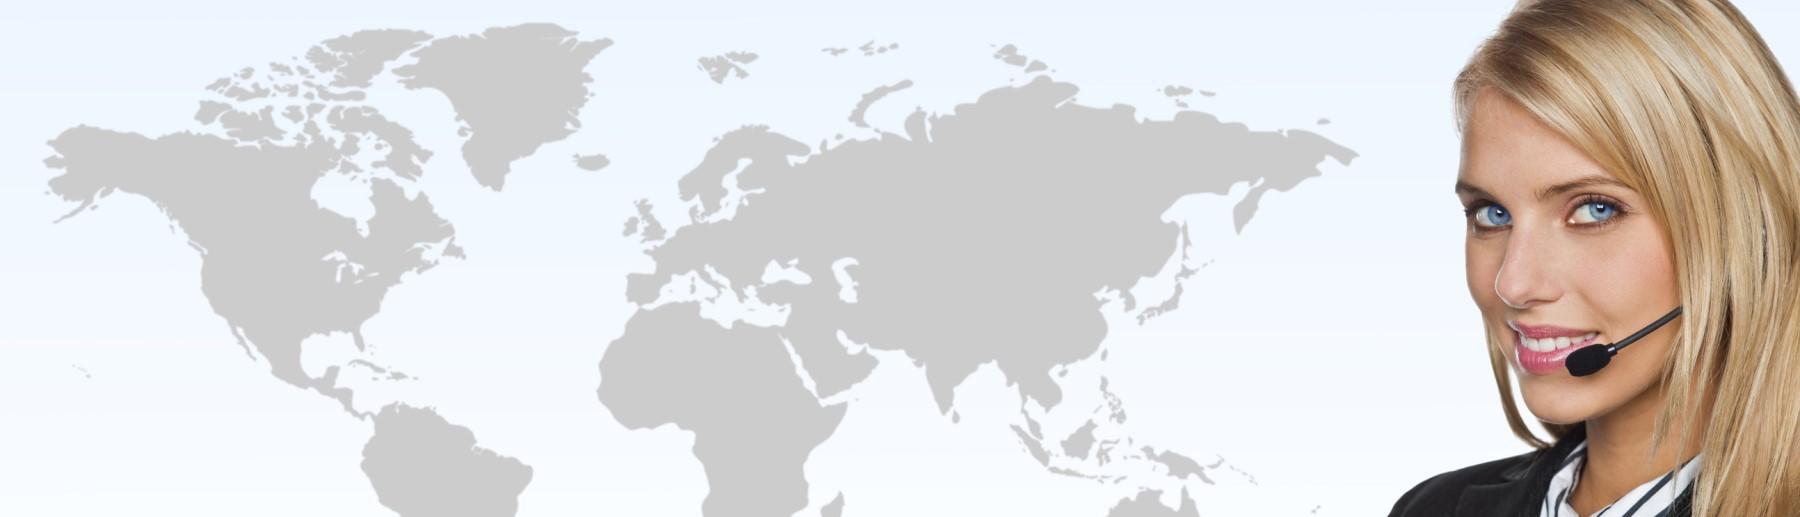 Zertifizierte Empfangsdienste - Pfortendienste